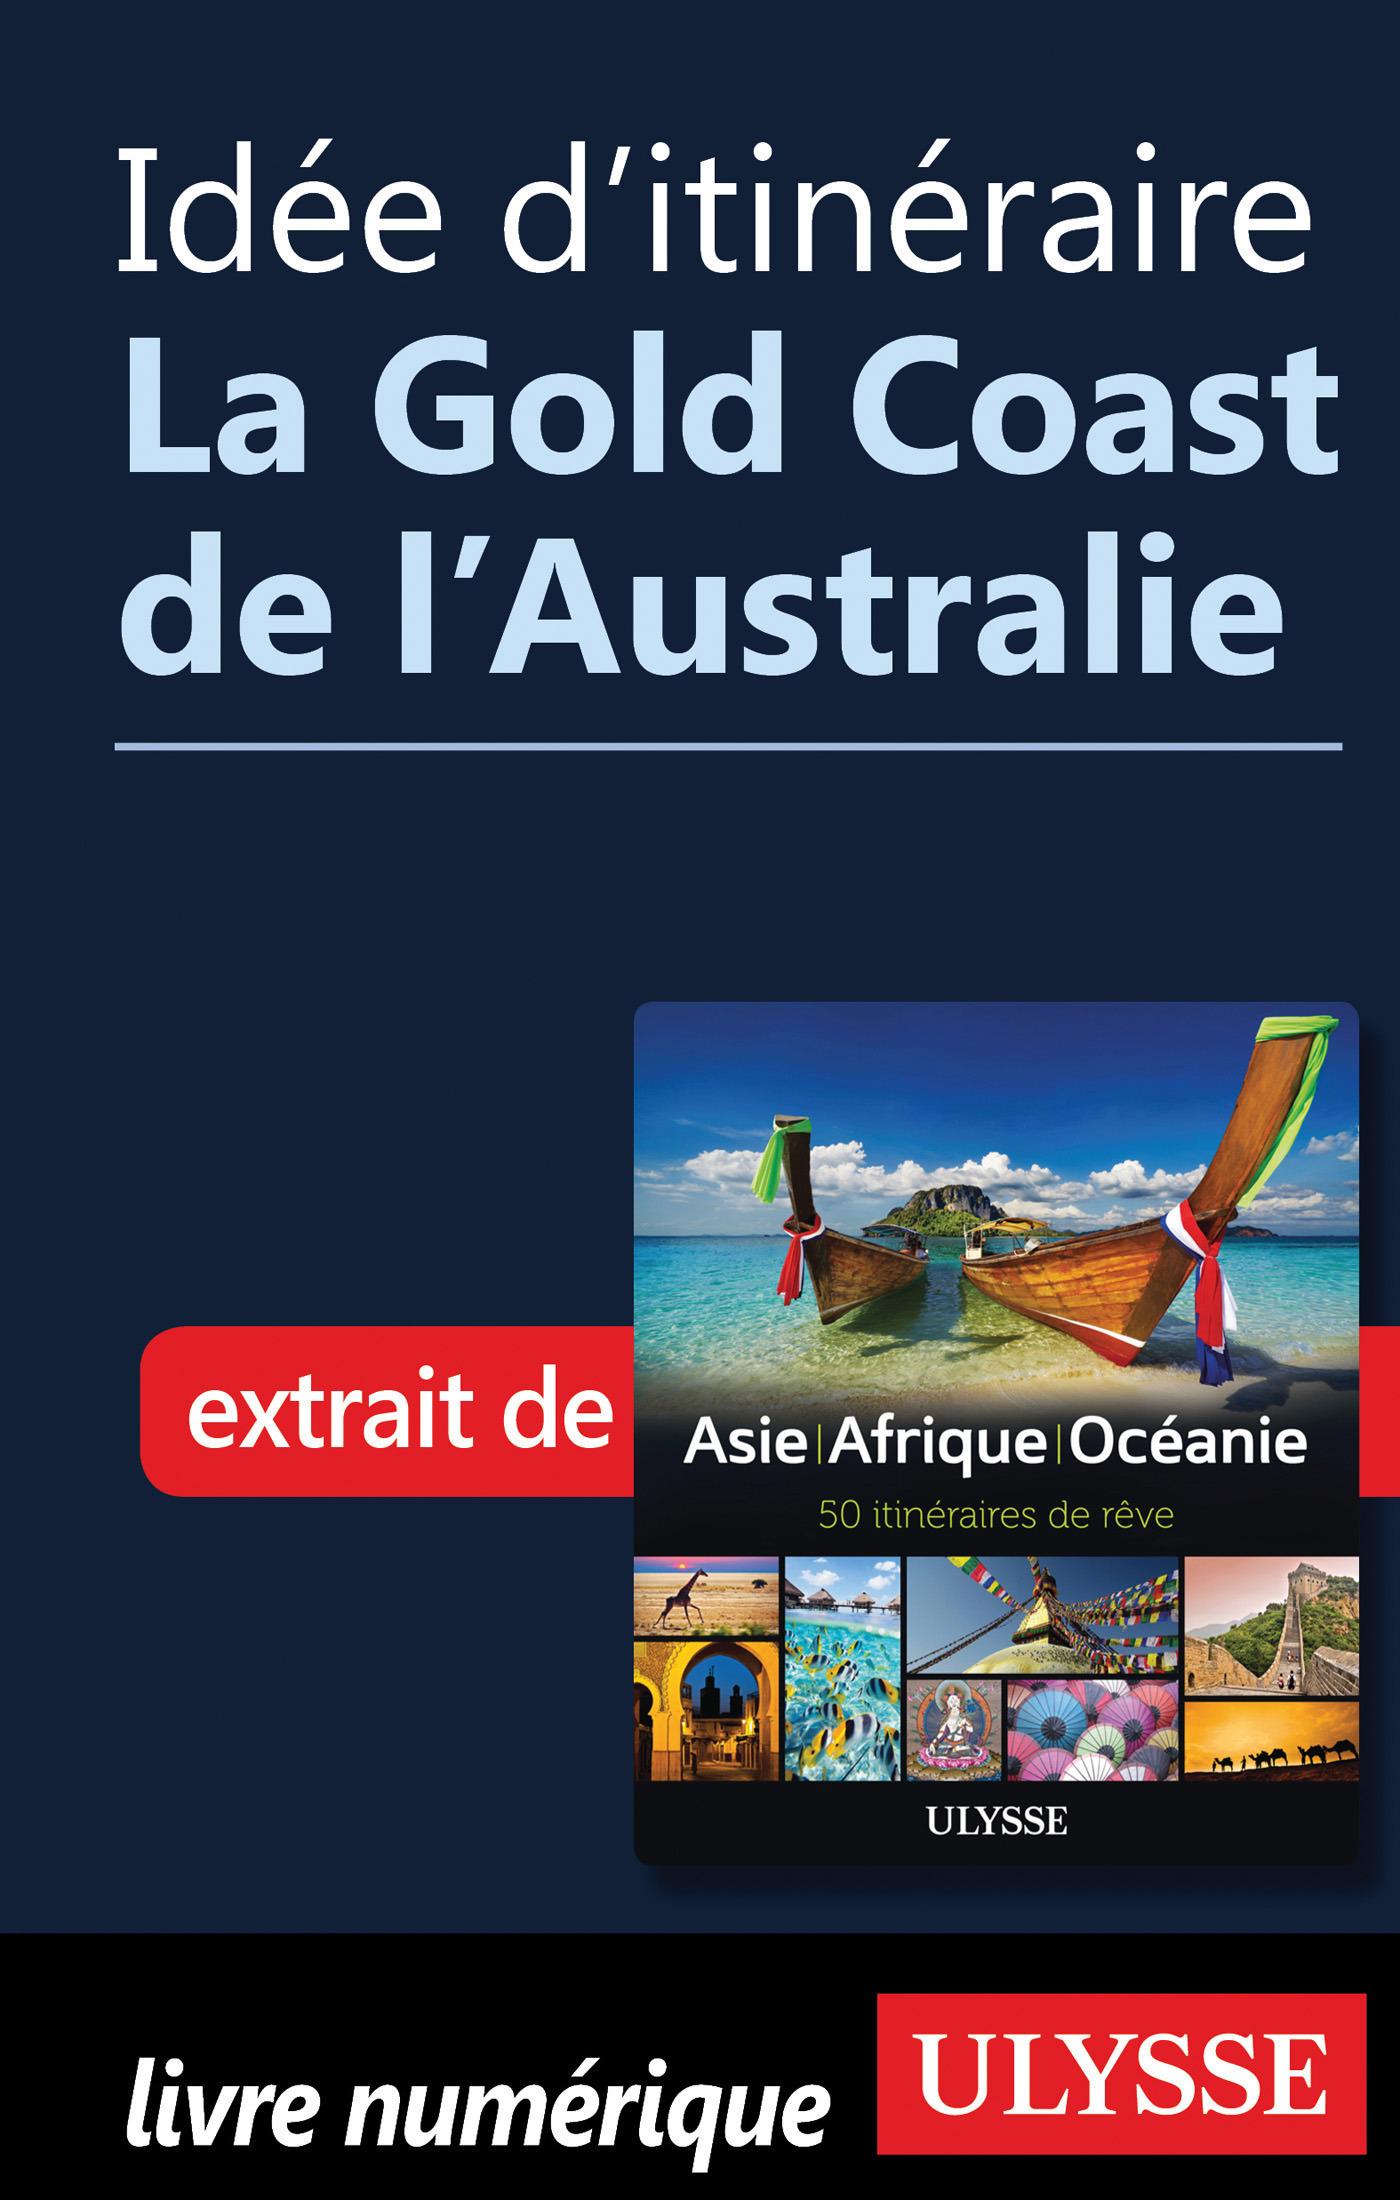 Idée d'itinéraire - La Gold Coast de l'Australie